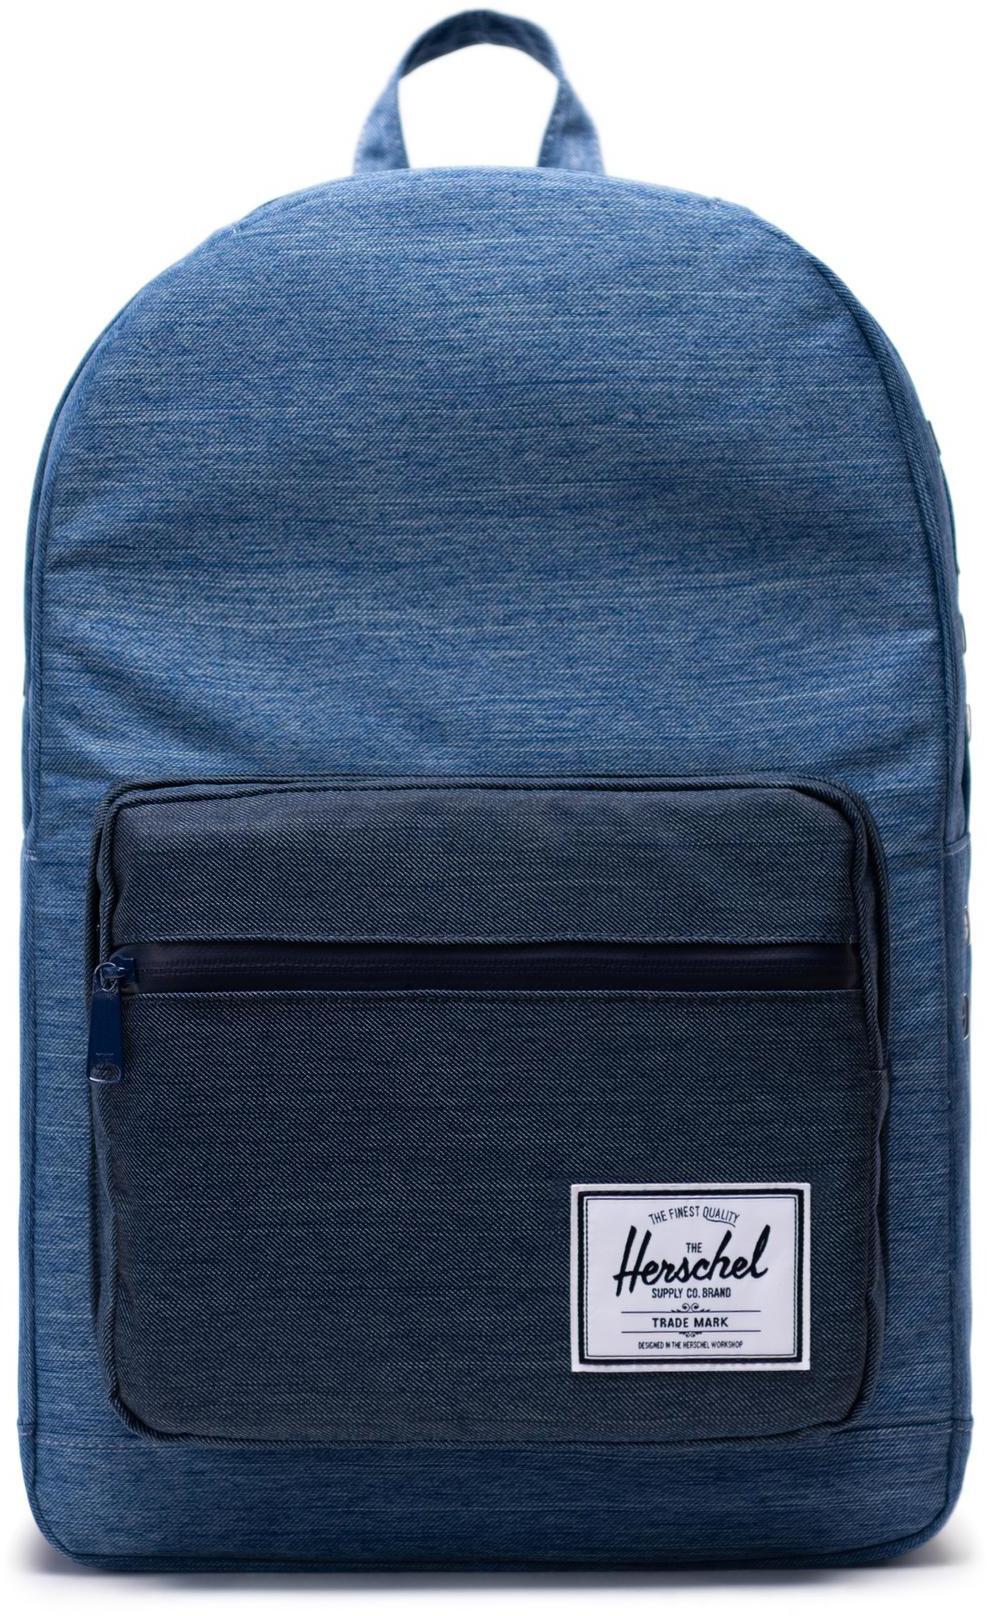 Herschel Pop Quiz Backpack 22L, faded denim/indigo denim (2019)   Rygsæk og rejsetasker